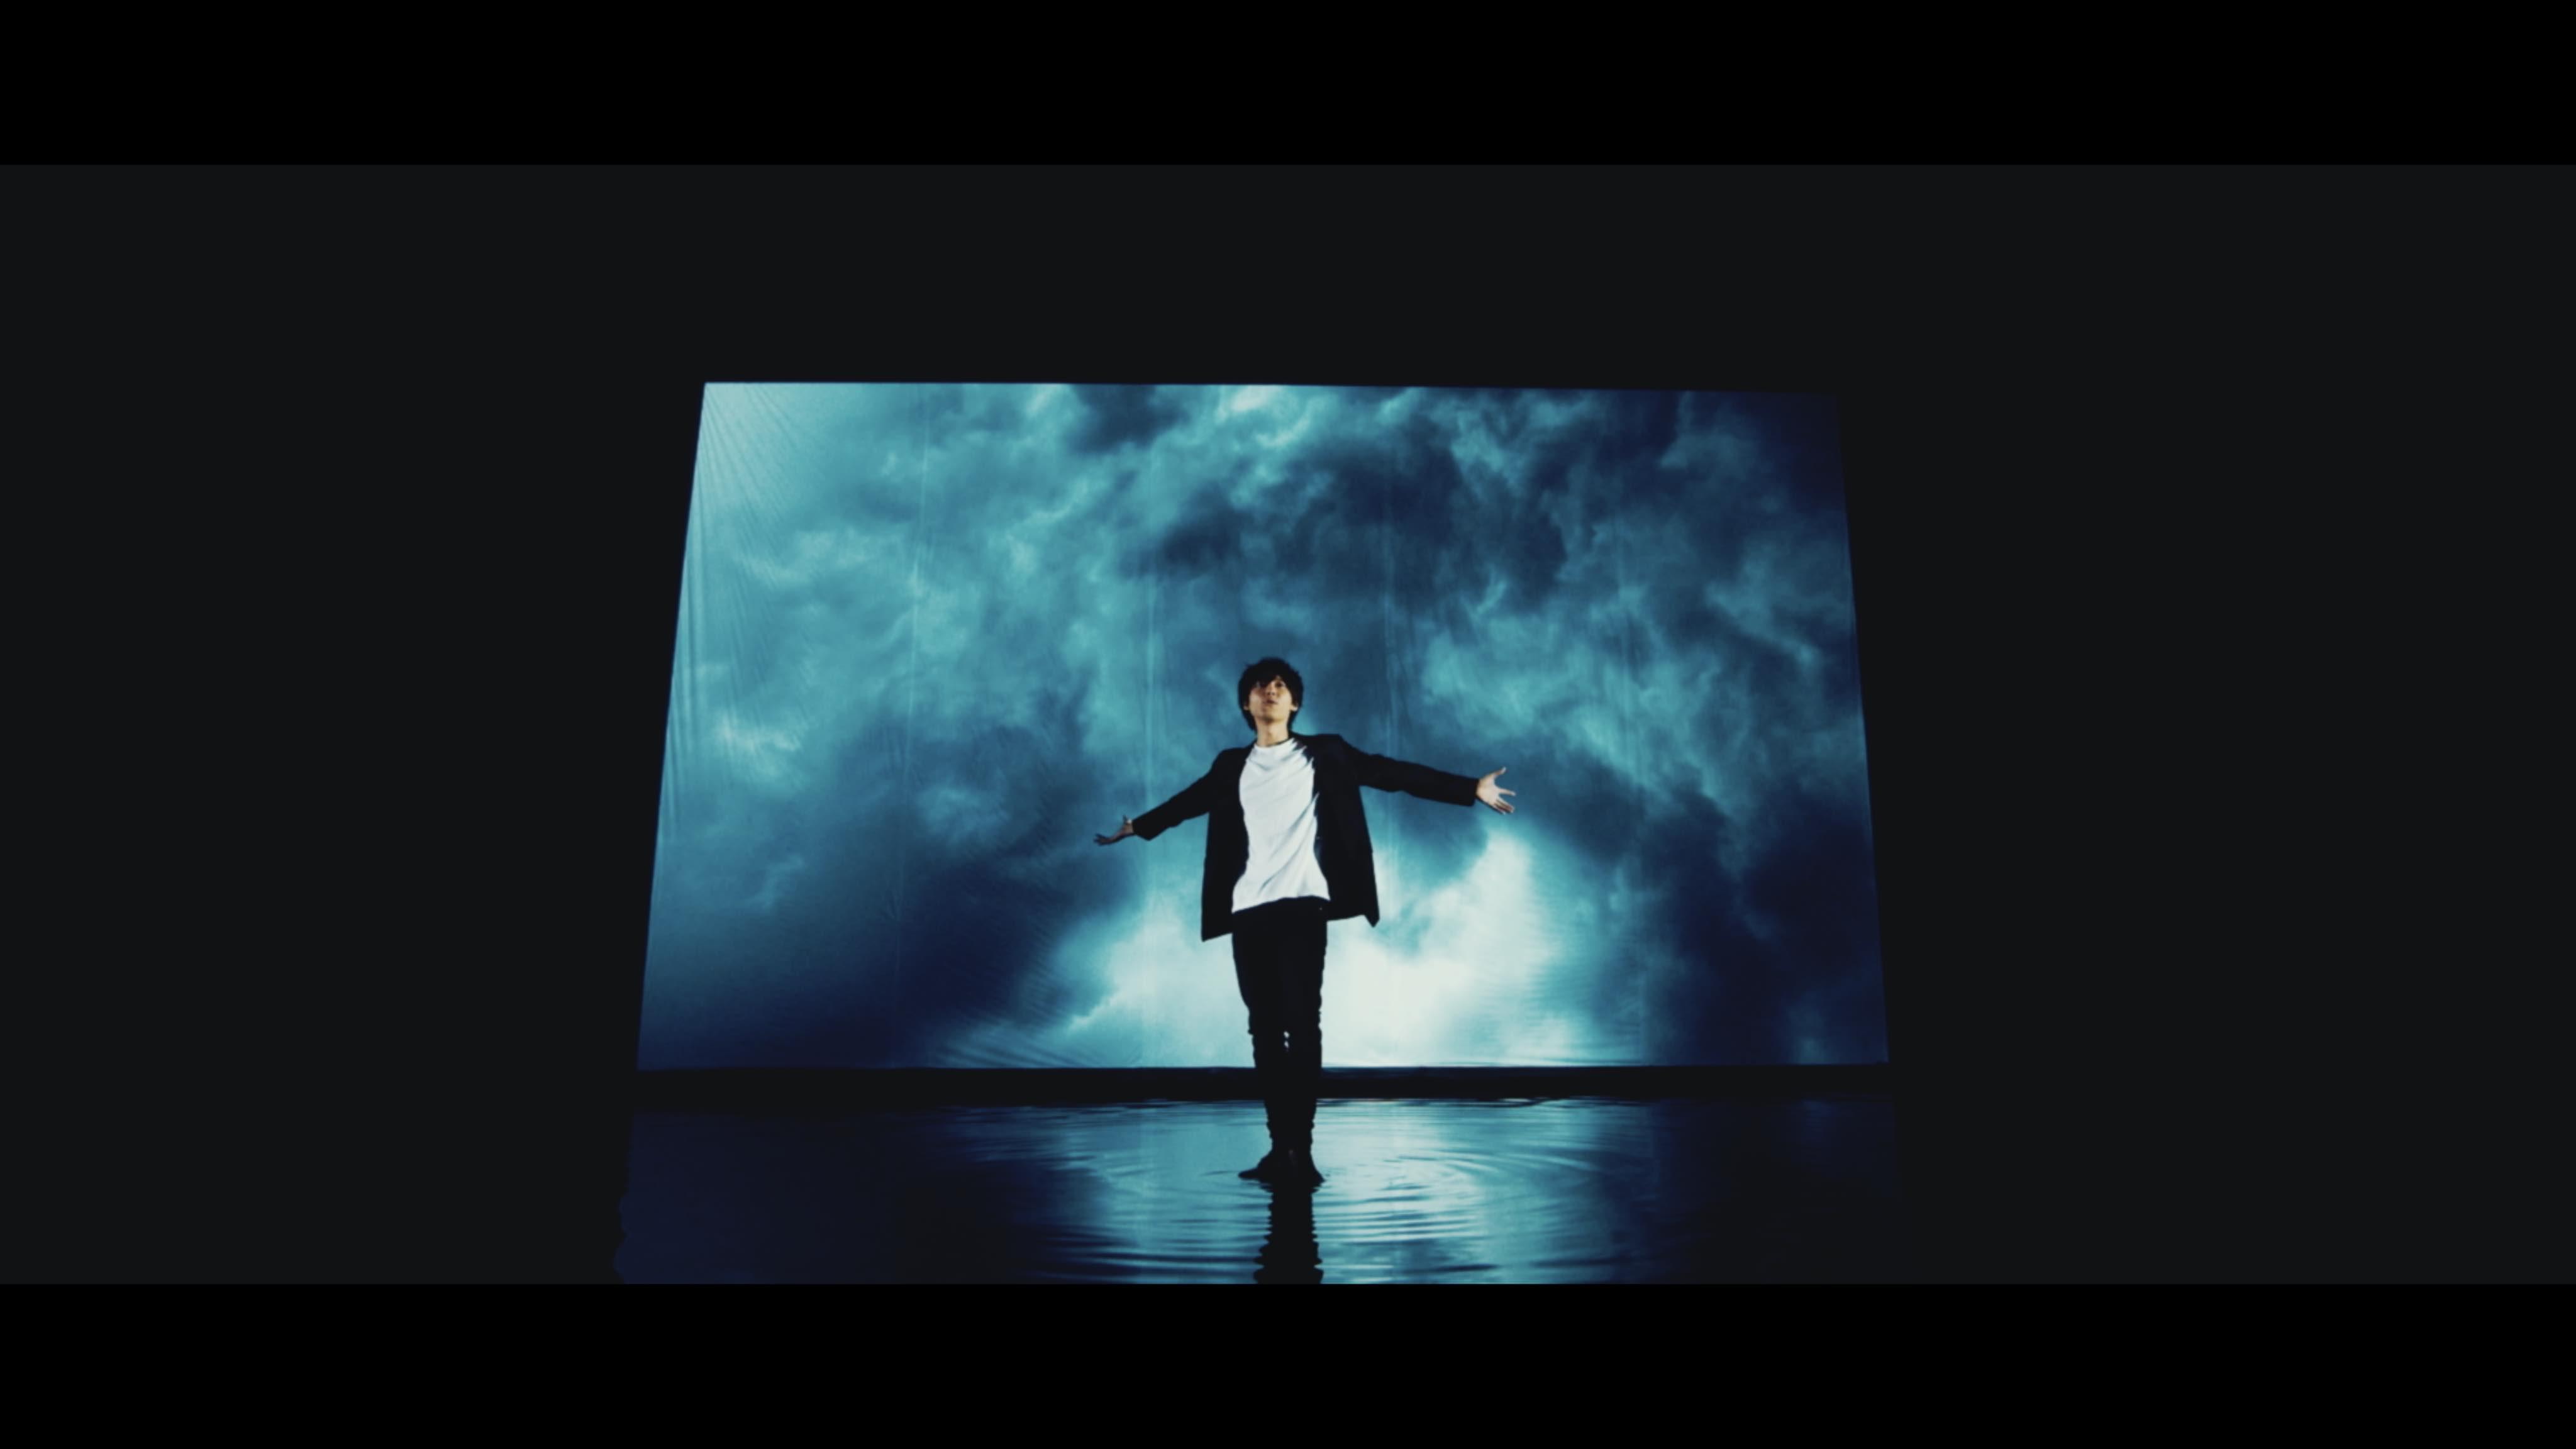 増田俊樹-Diver